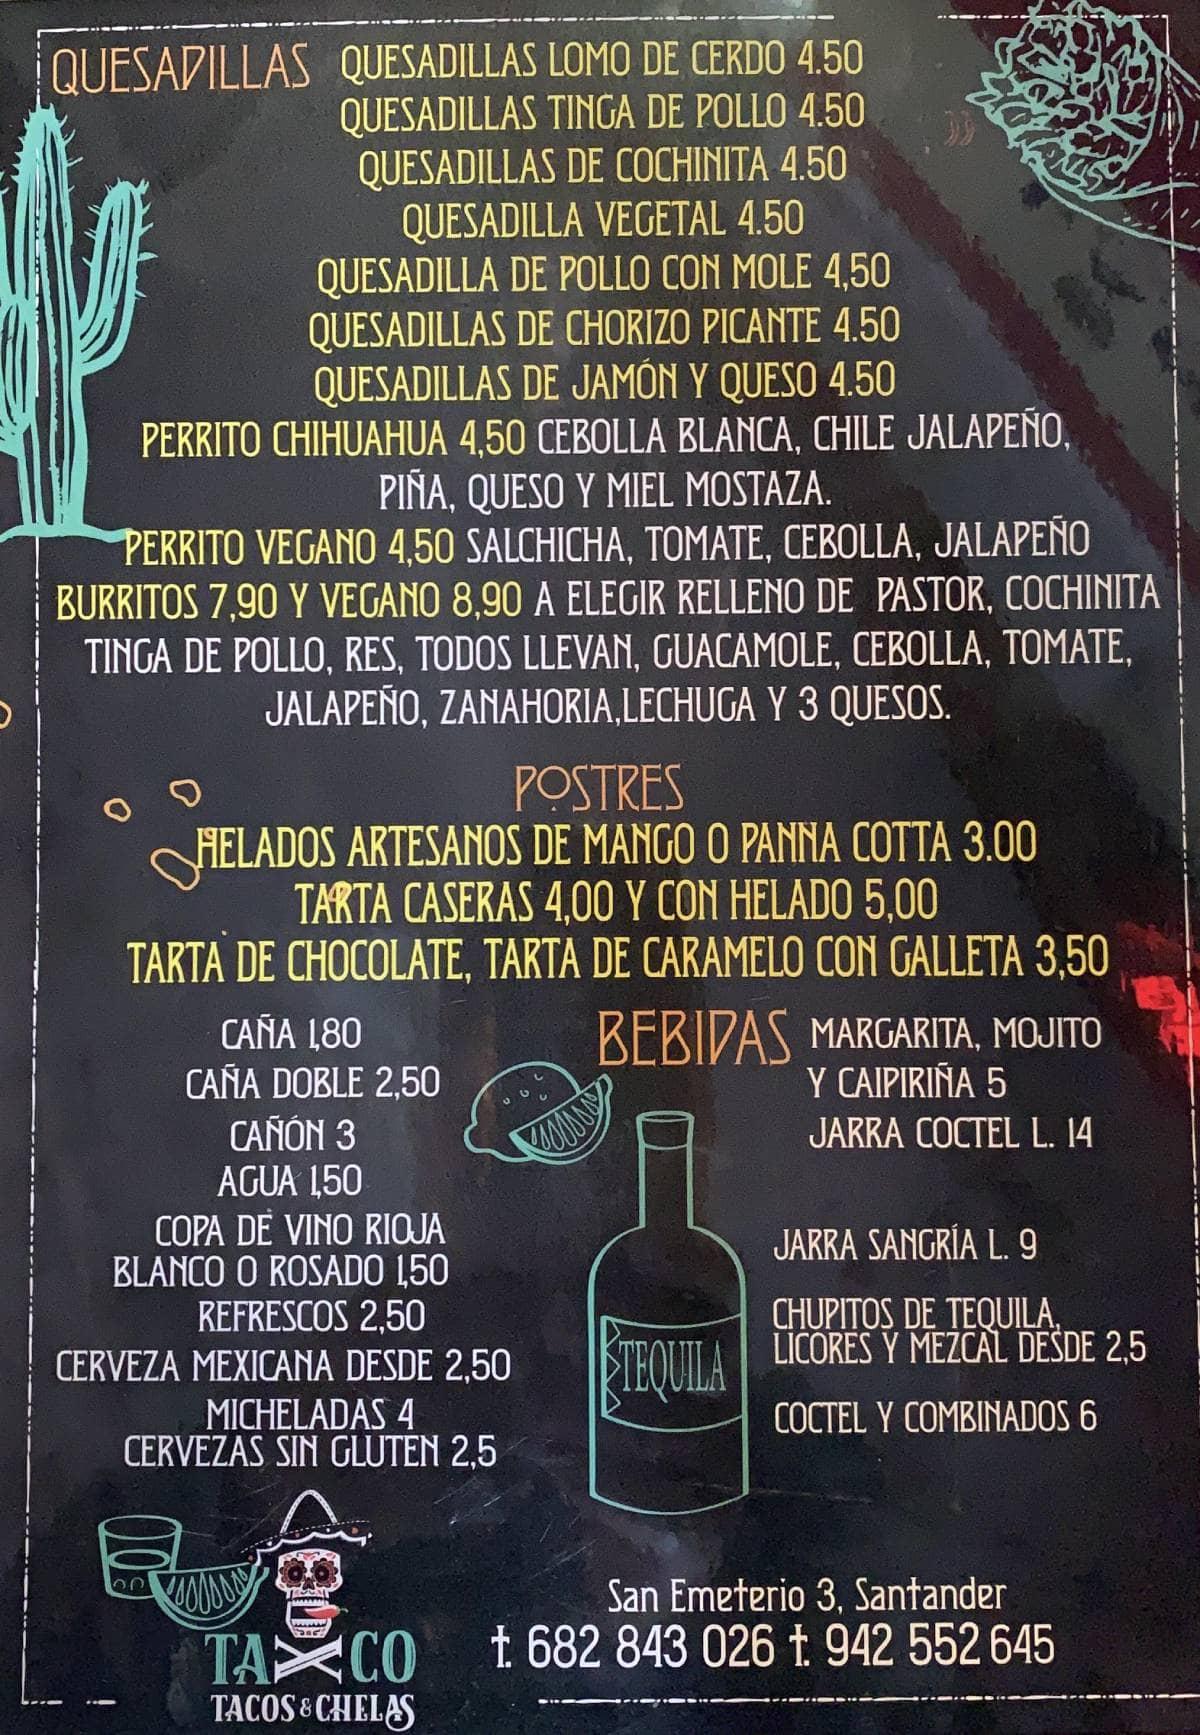 Carta Taxco 2 (1) cantabria santander comida mexicana tacos para llevar pedir comida mejicana a domicilio